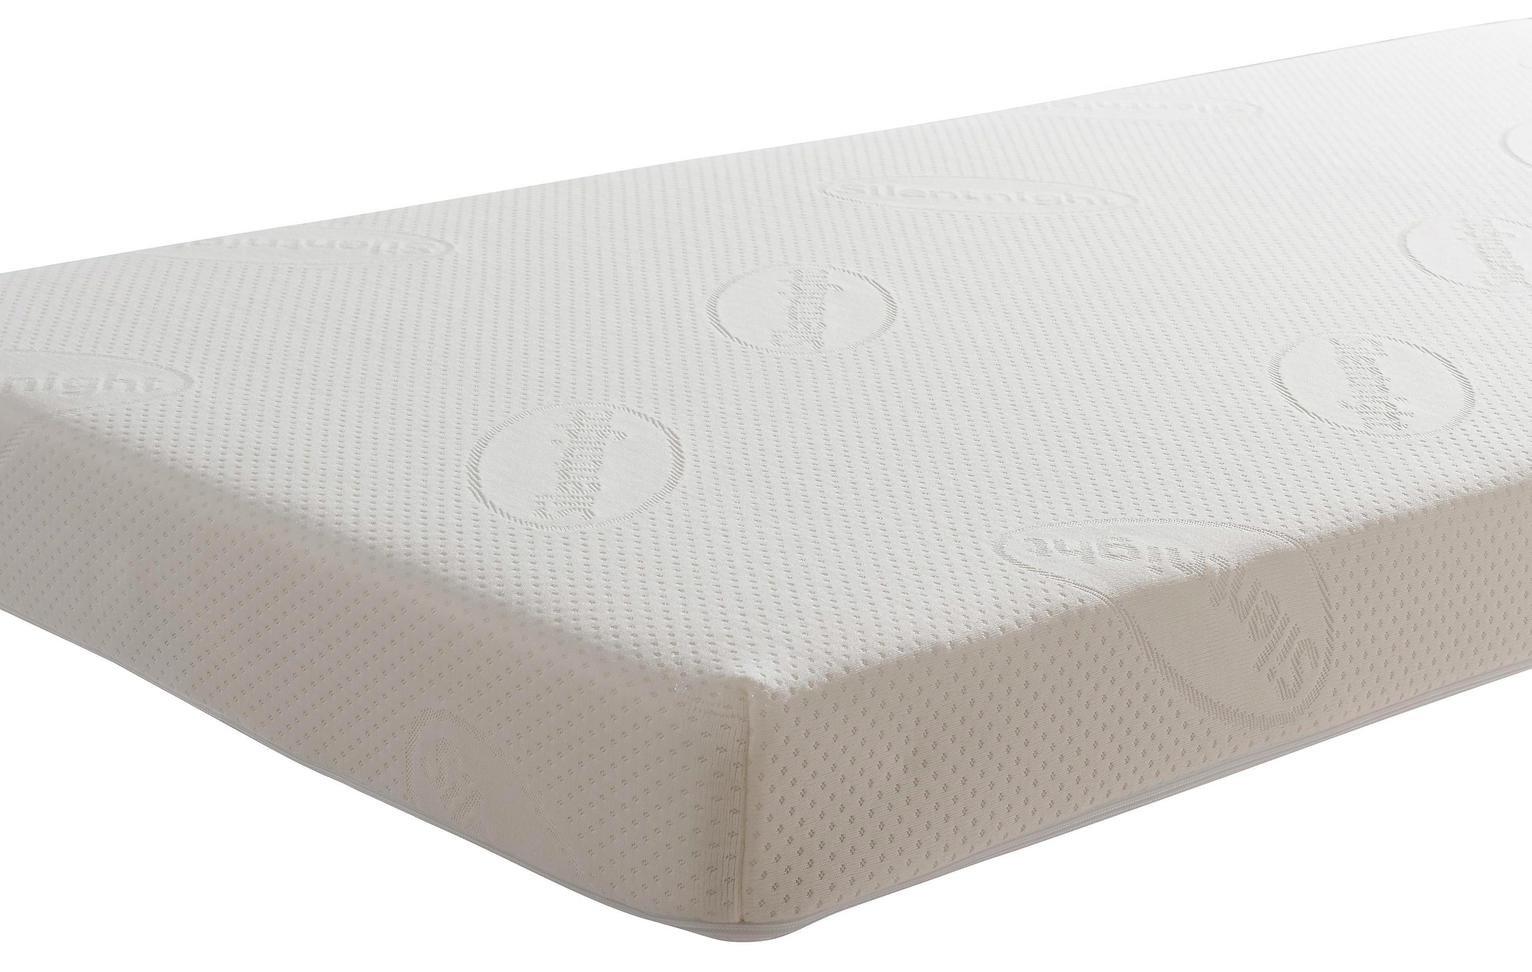 Silentnight Safe Nights Airflow Cotbed Mattress